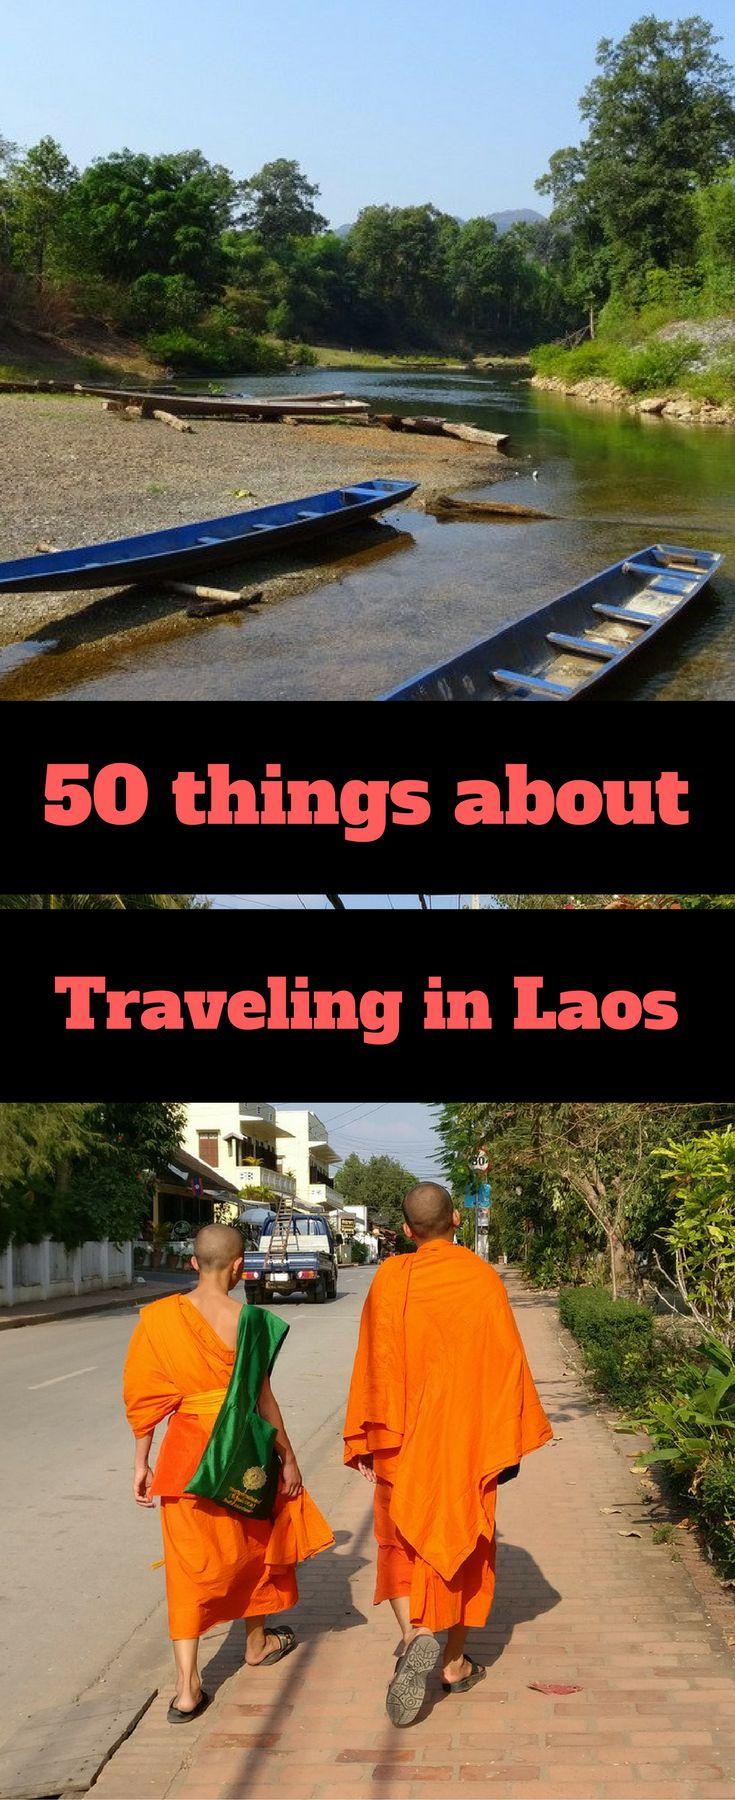 Traveling in Laos | Laos Travel Information | Visit Laos | Travel to Laos | things about Laos | Facts about Laos | Food in Laos | Transports in Laos | Attractions in Laos | What to do in Laos | What see in Laos | Tourists in Laos | Laos Tourism | Luang Prabang | Vang Vieng | Pakse |